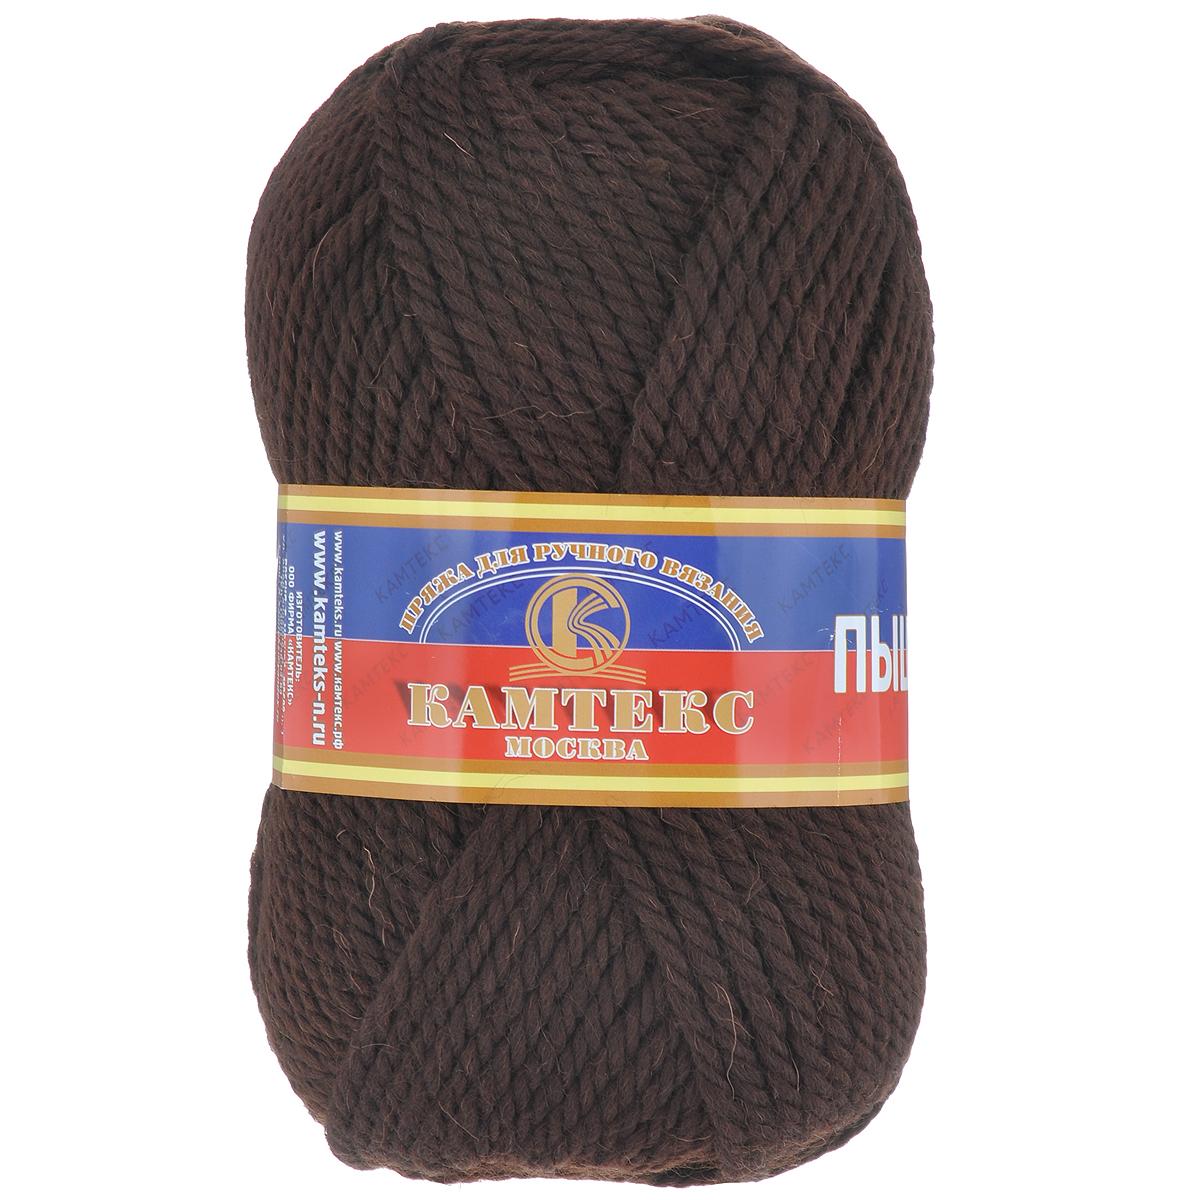 Пряжа для вязания Камтекс Пышка, цвет: шоколадный (063), 110 м, 100 г, 10 шт136080_063Пряжа для вязания Камтекс Пышка изготовлена из 100% импортной шерсти. Пряжа очень толстая и теплая, хорошо подходит для вязания верхней одежды, делает узоры фактурными и выразительными. Готовые изделия имеют богатый внешний вид, красивую структуру трикотажа. Идеальна для вязания пальто, шапок, шарфов, пледов. Рекомендуемые для вязания спицы и крючки 3-5 мм. Состав: 100% импортная шерсть. Комплектация: 10 шт. Толщина нити: 3 мм.